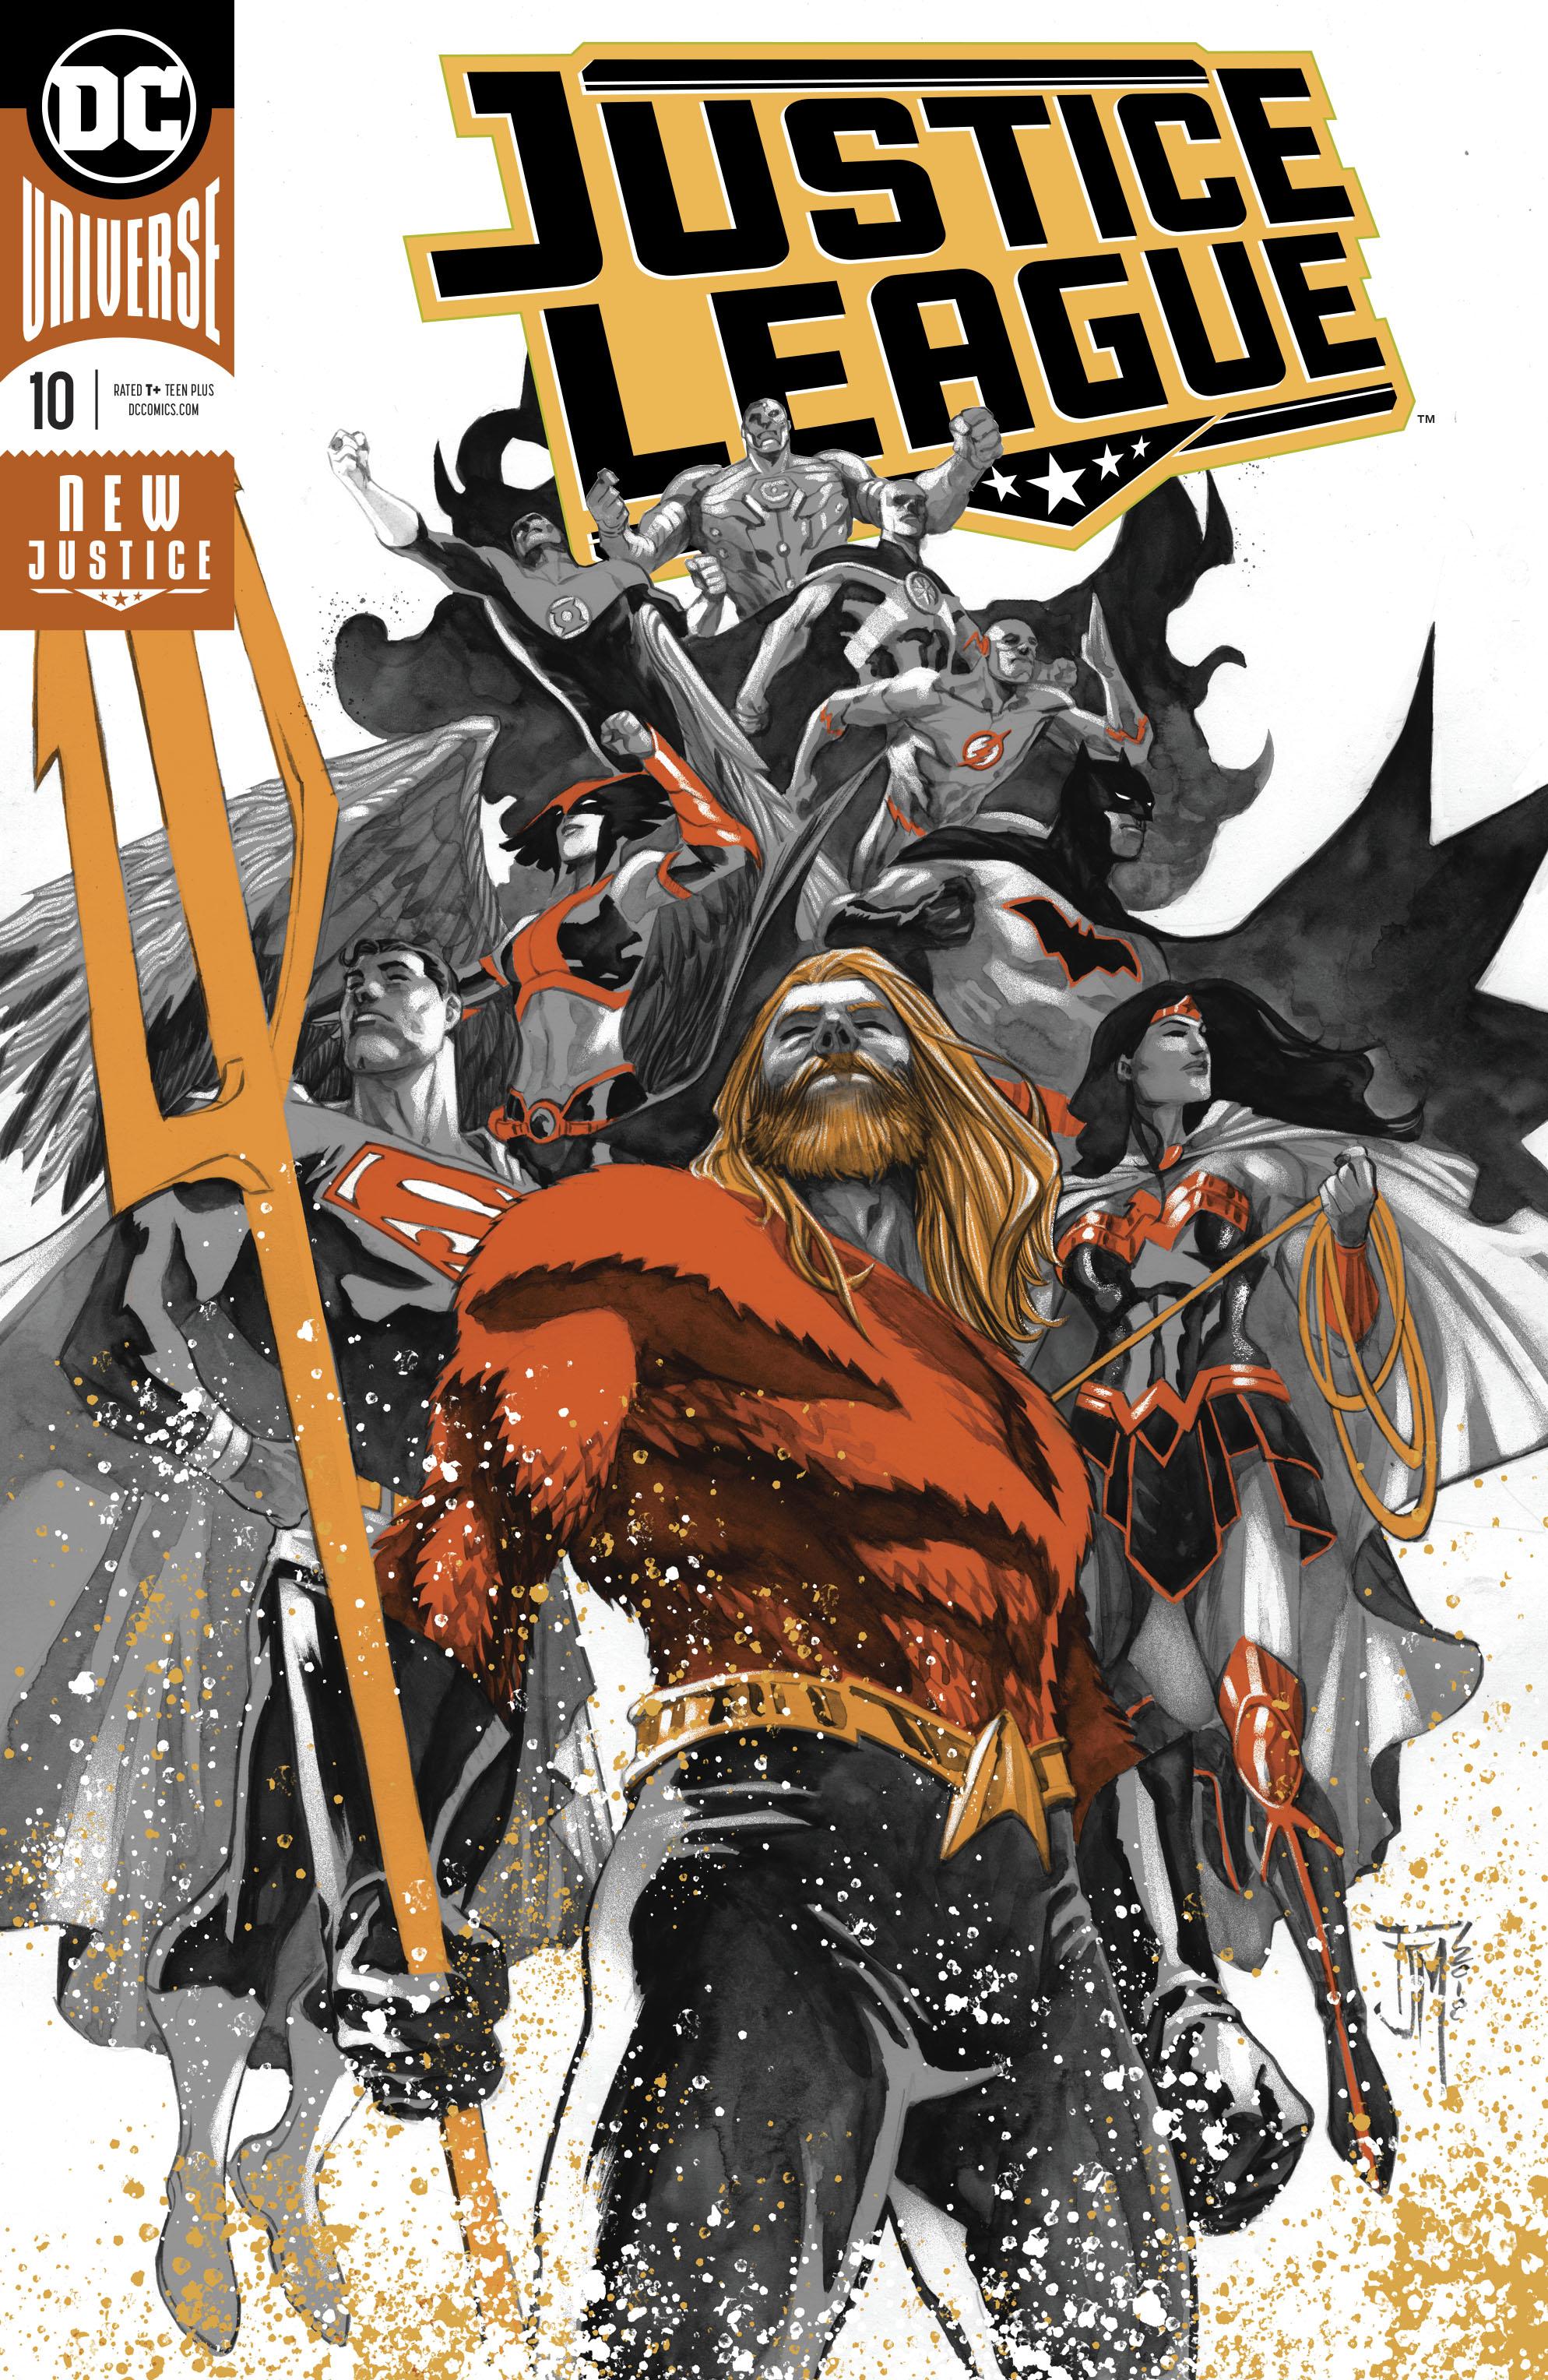 justice league 10 foil cover